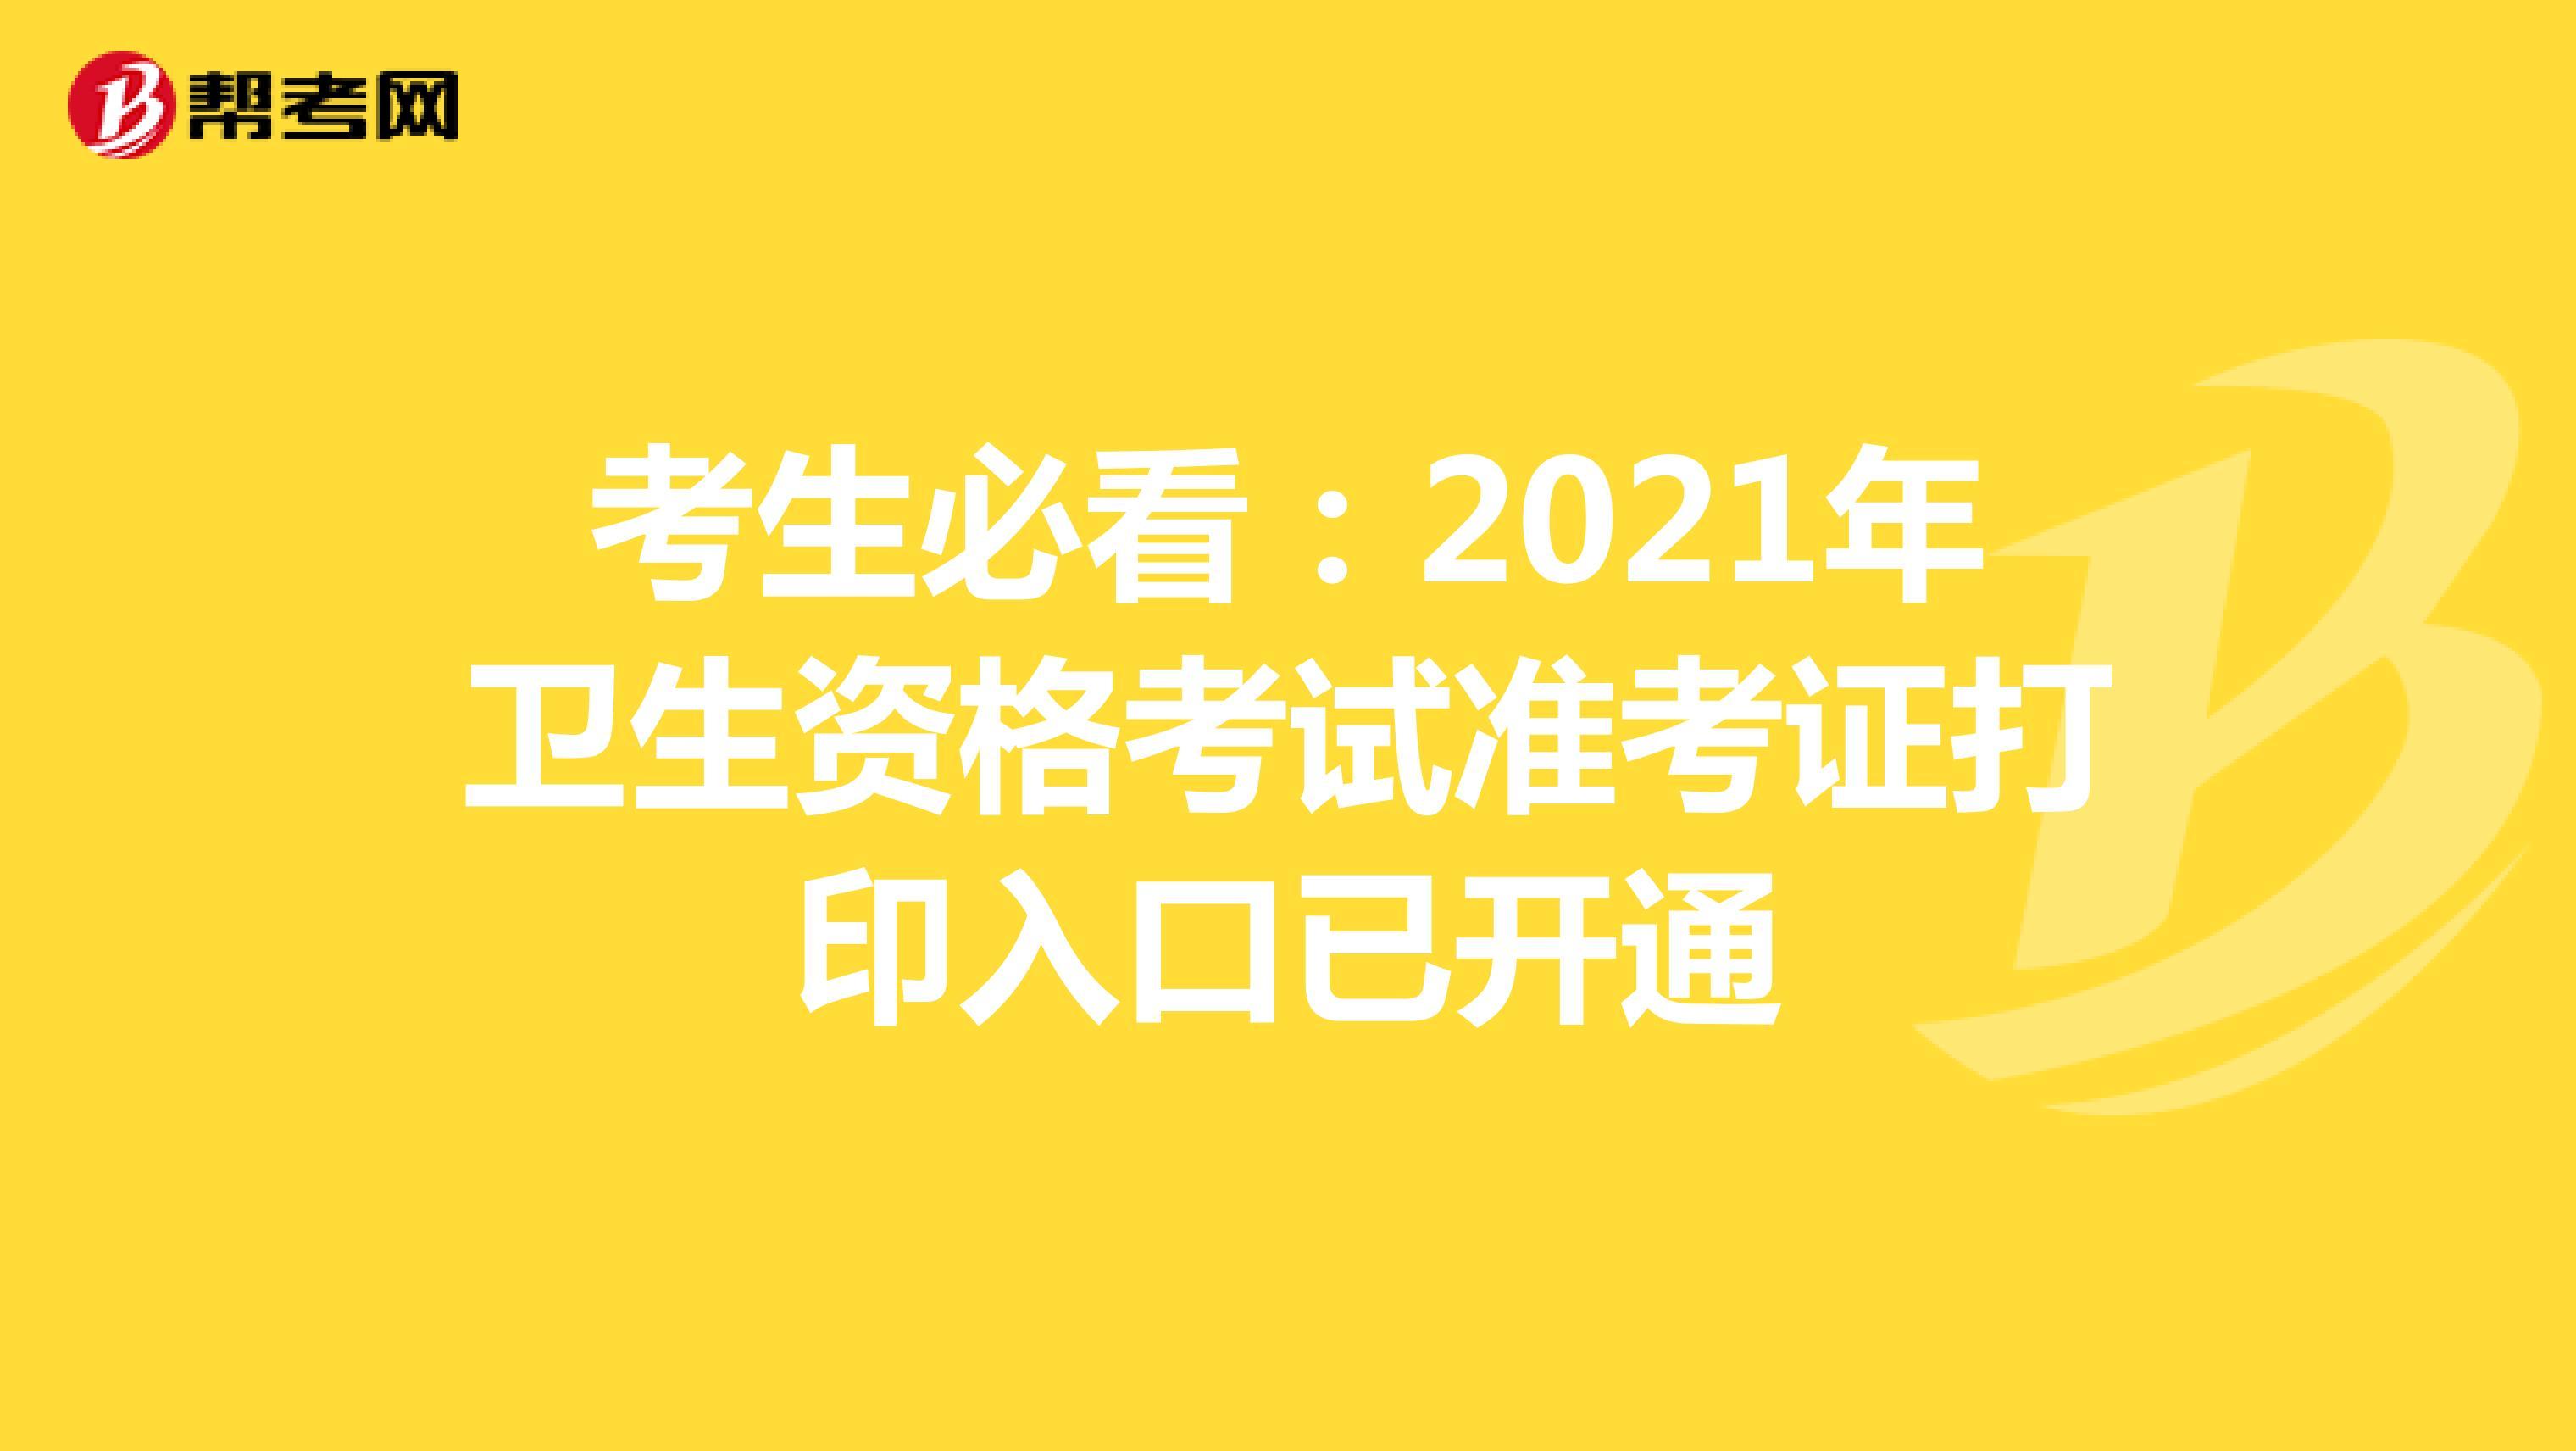 考生必看:2021年卫生资格考试准考证打印入口已开通